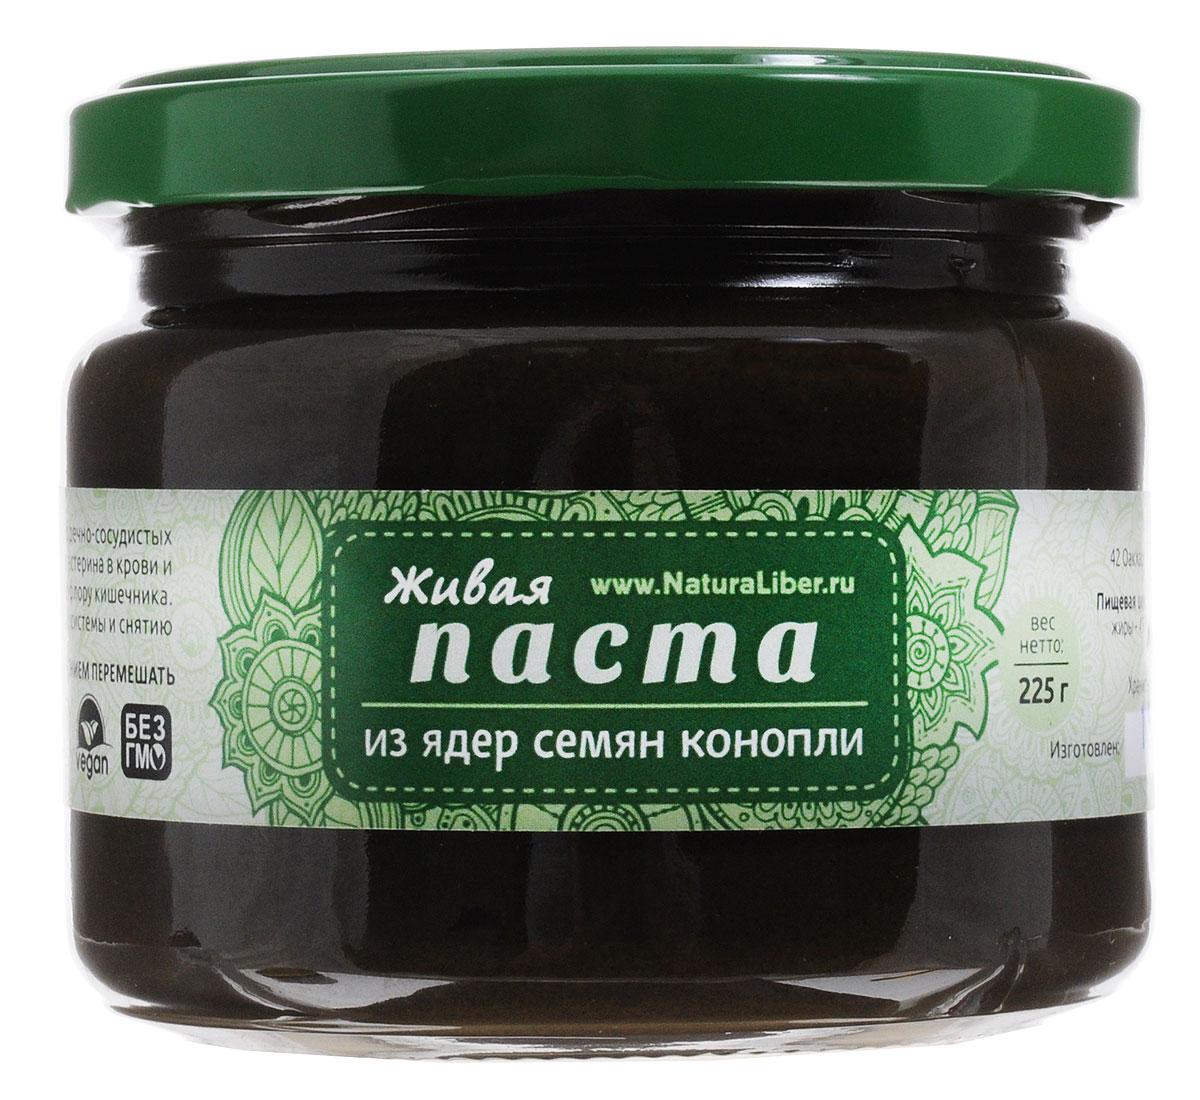 NaturaLiber Живая паста из очищенных ядер конопли, 225 г